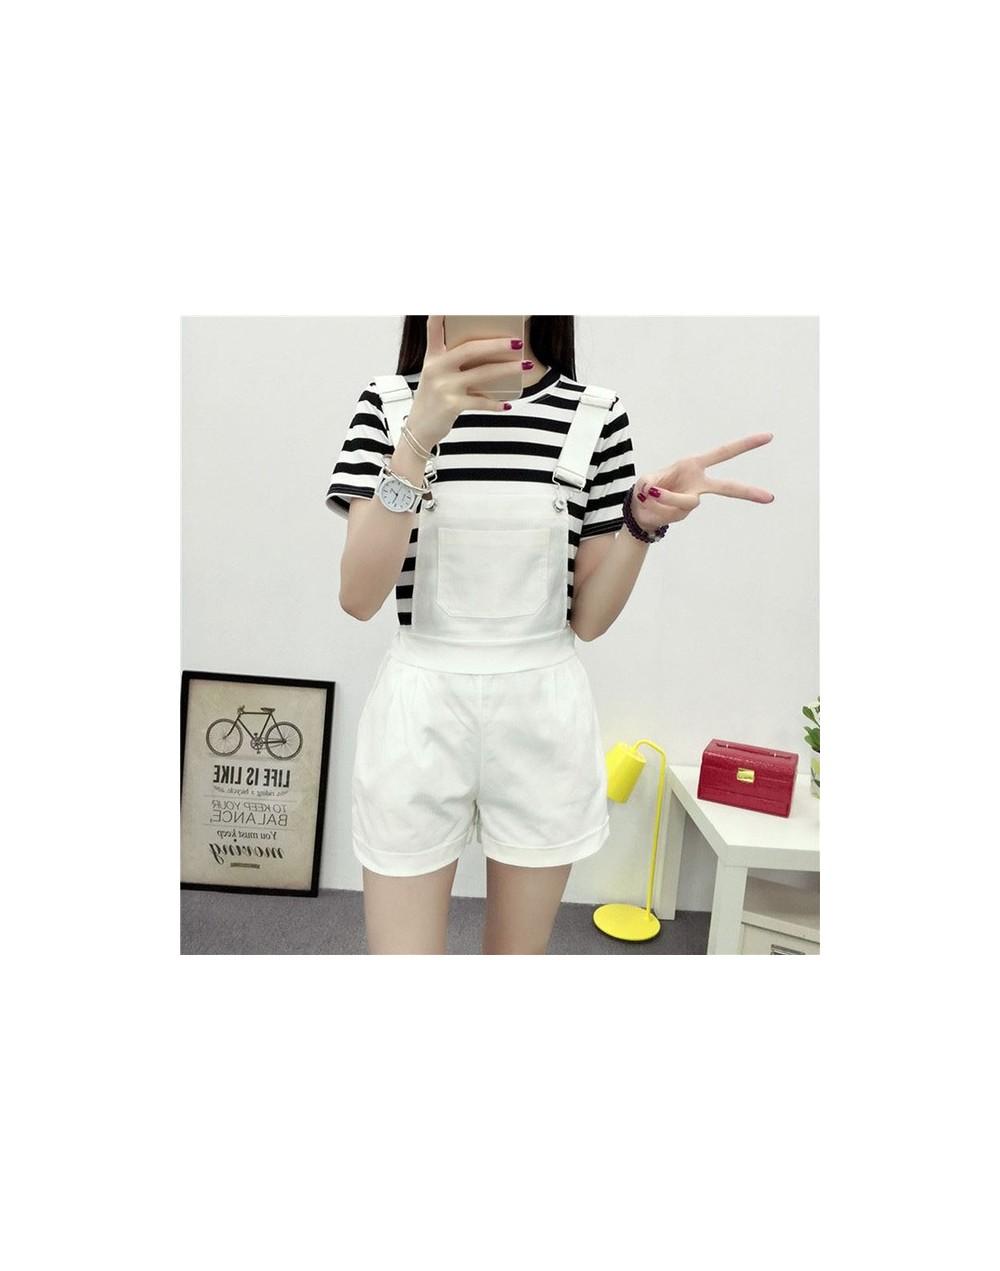 Women Elastic Waist Dungarees Linen Cotton Pockets Rompers Playsuit Strap Shorts Pants - TGZ93-WT - 33036109765